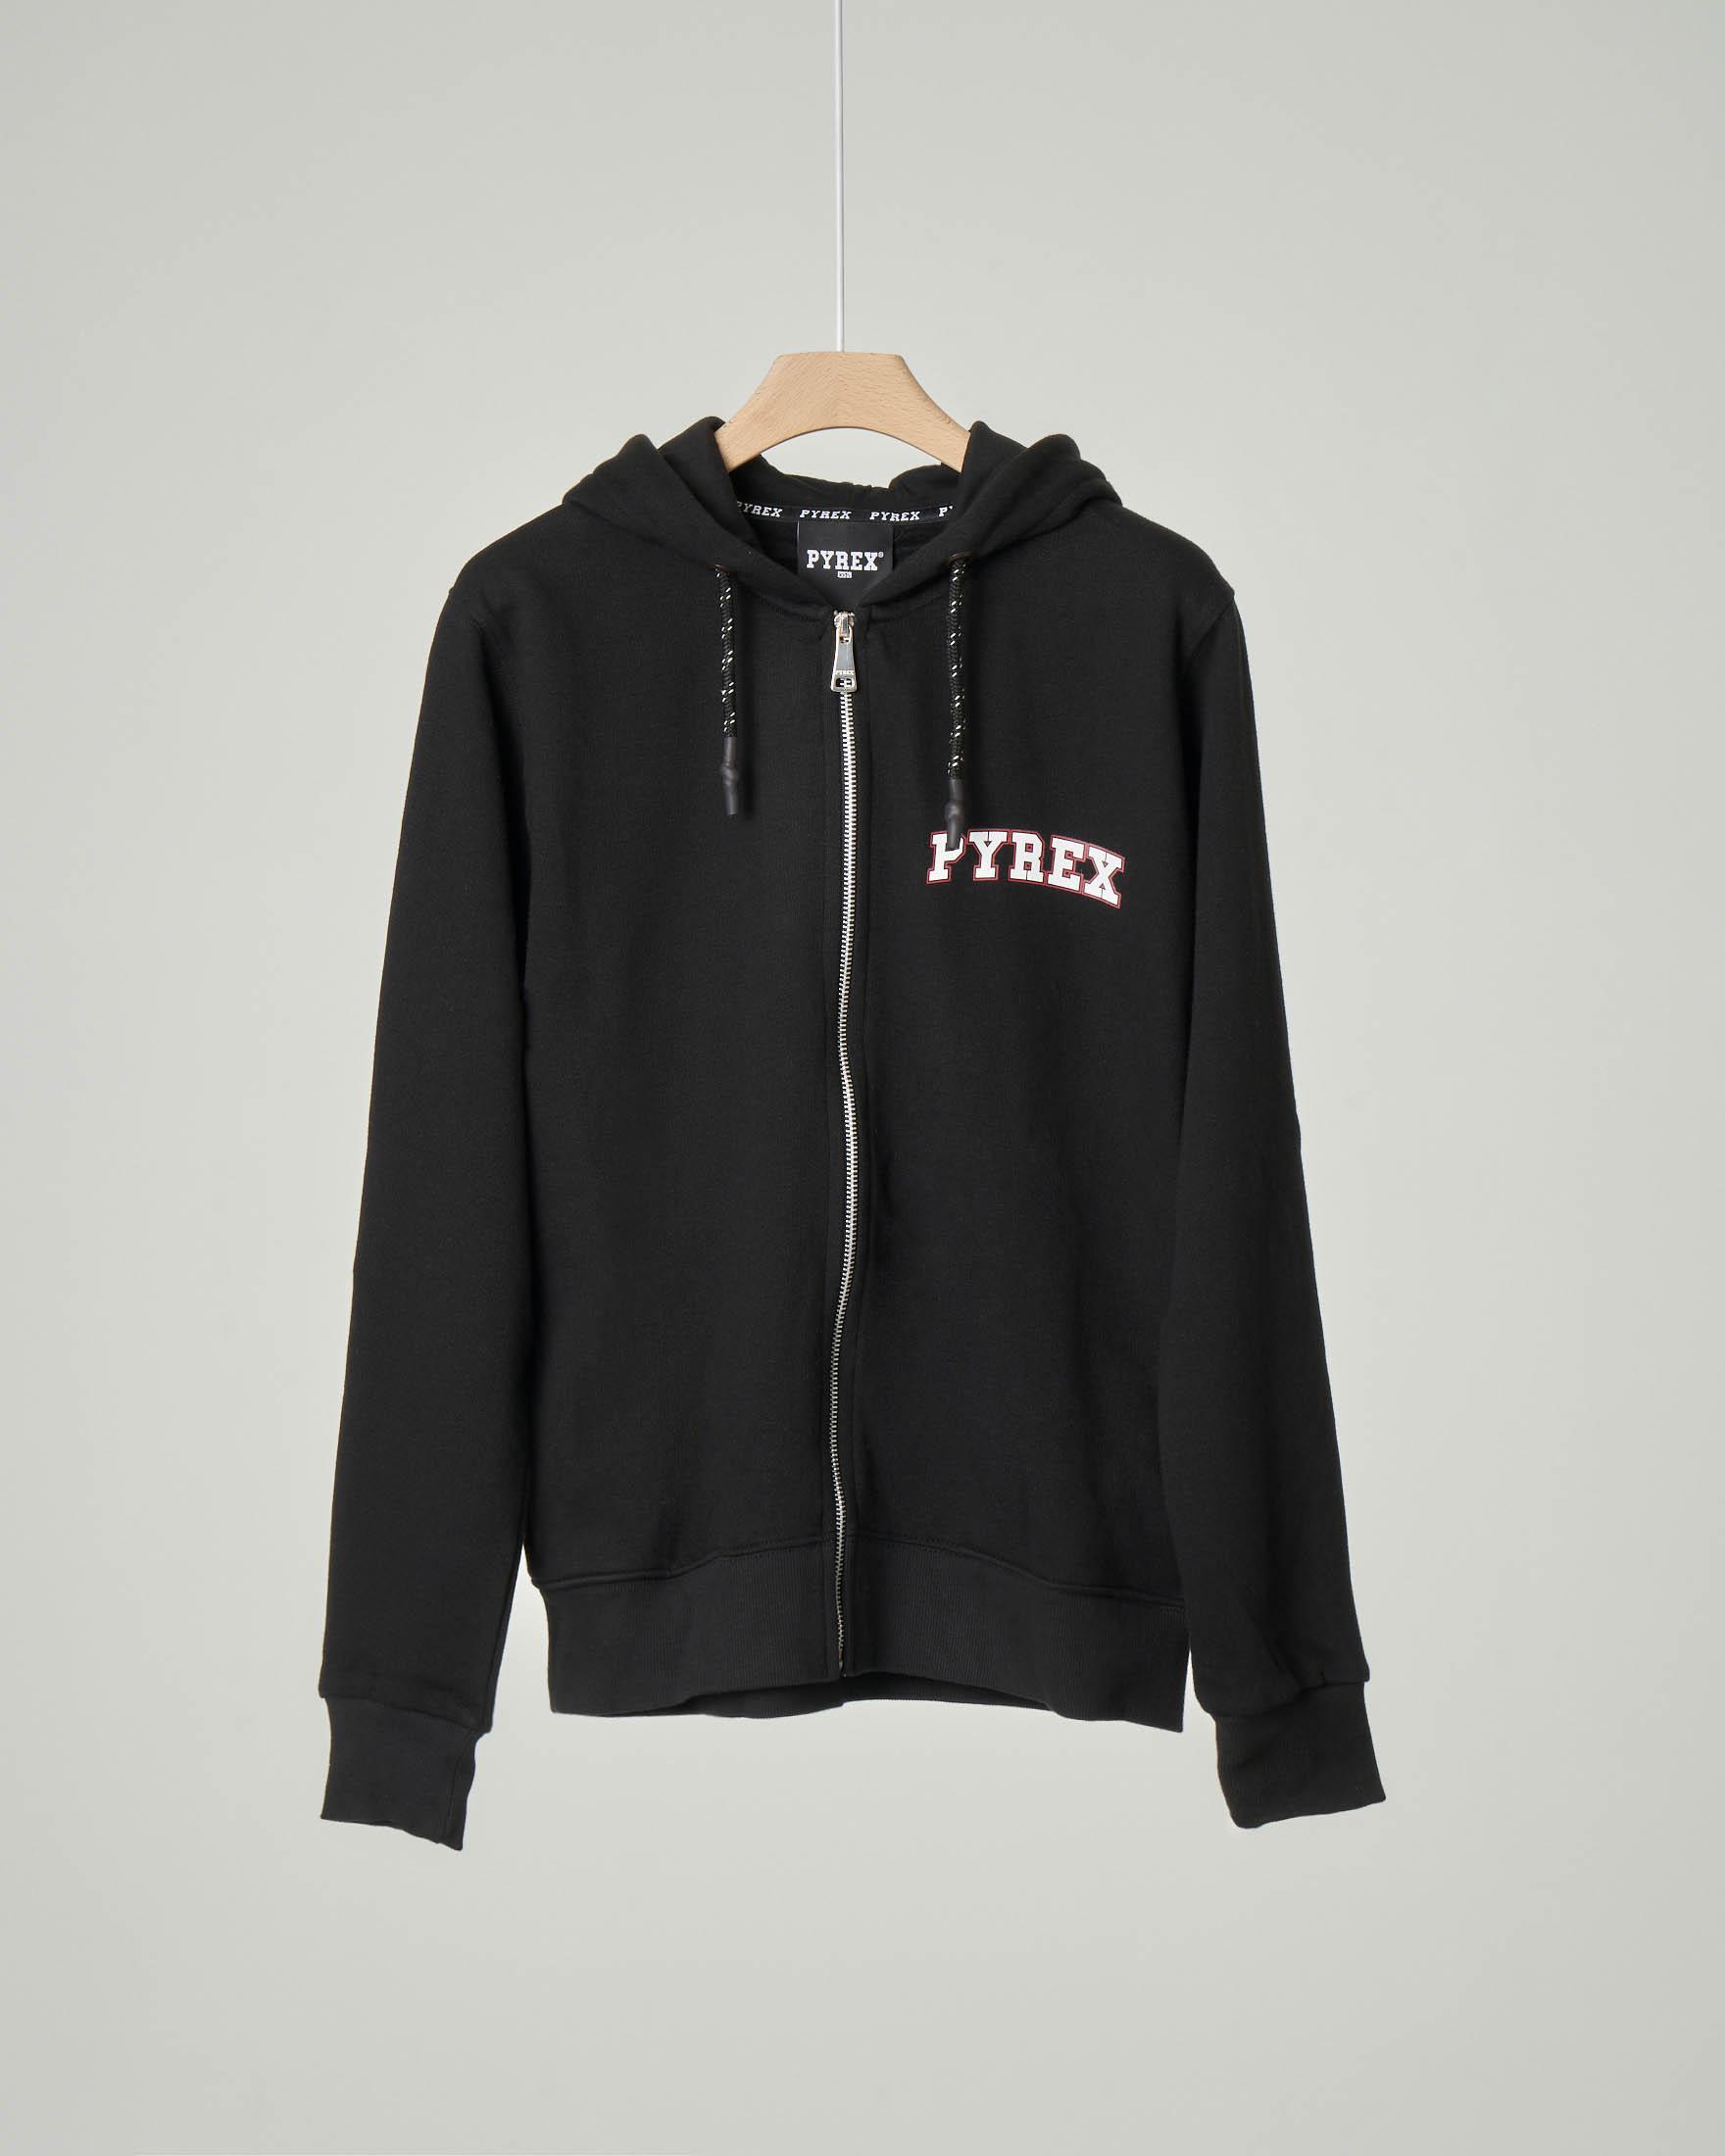 Felpa nera con cappuccio e chiusura zip con doppio logo su fronte e retro XS-2XL